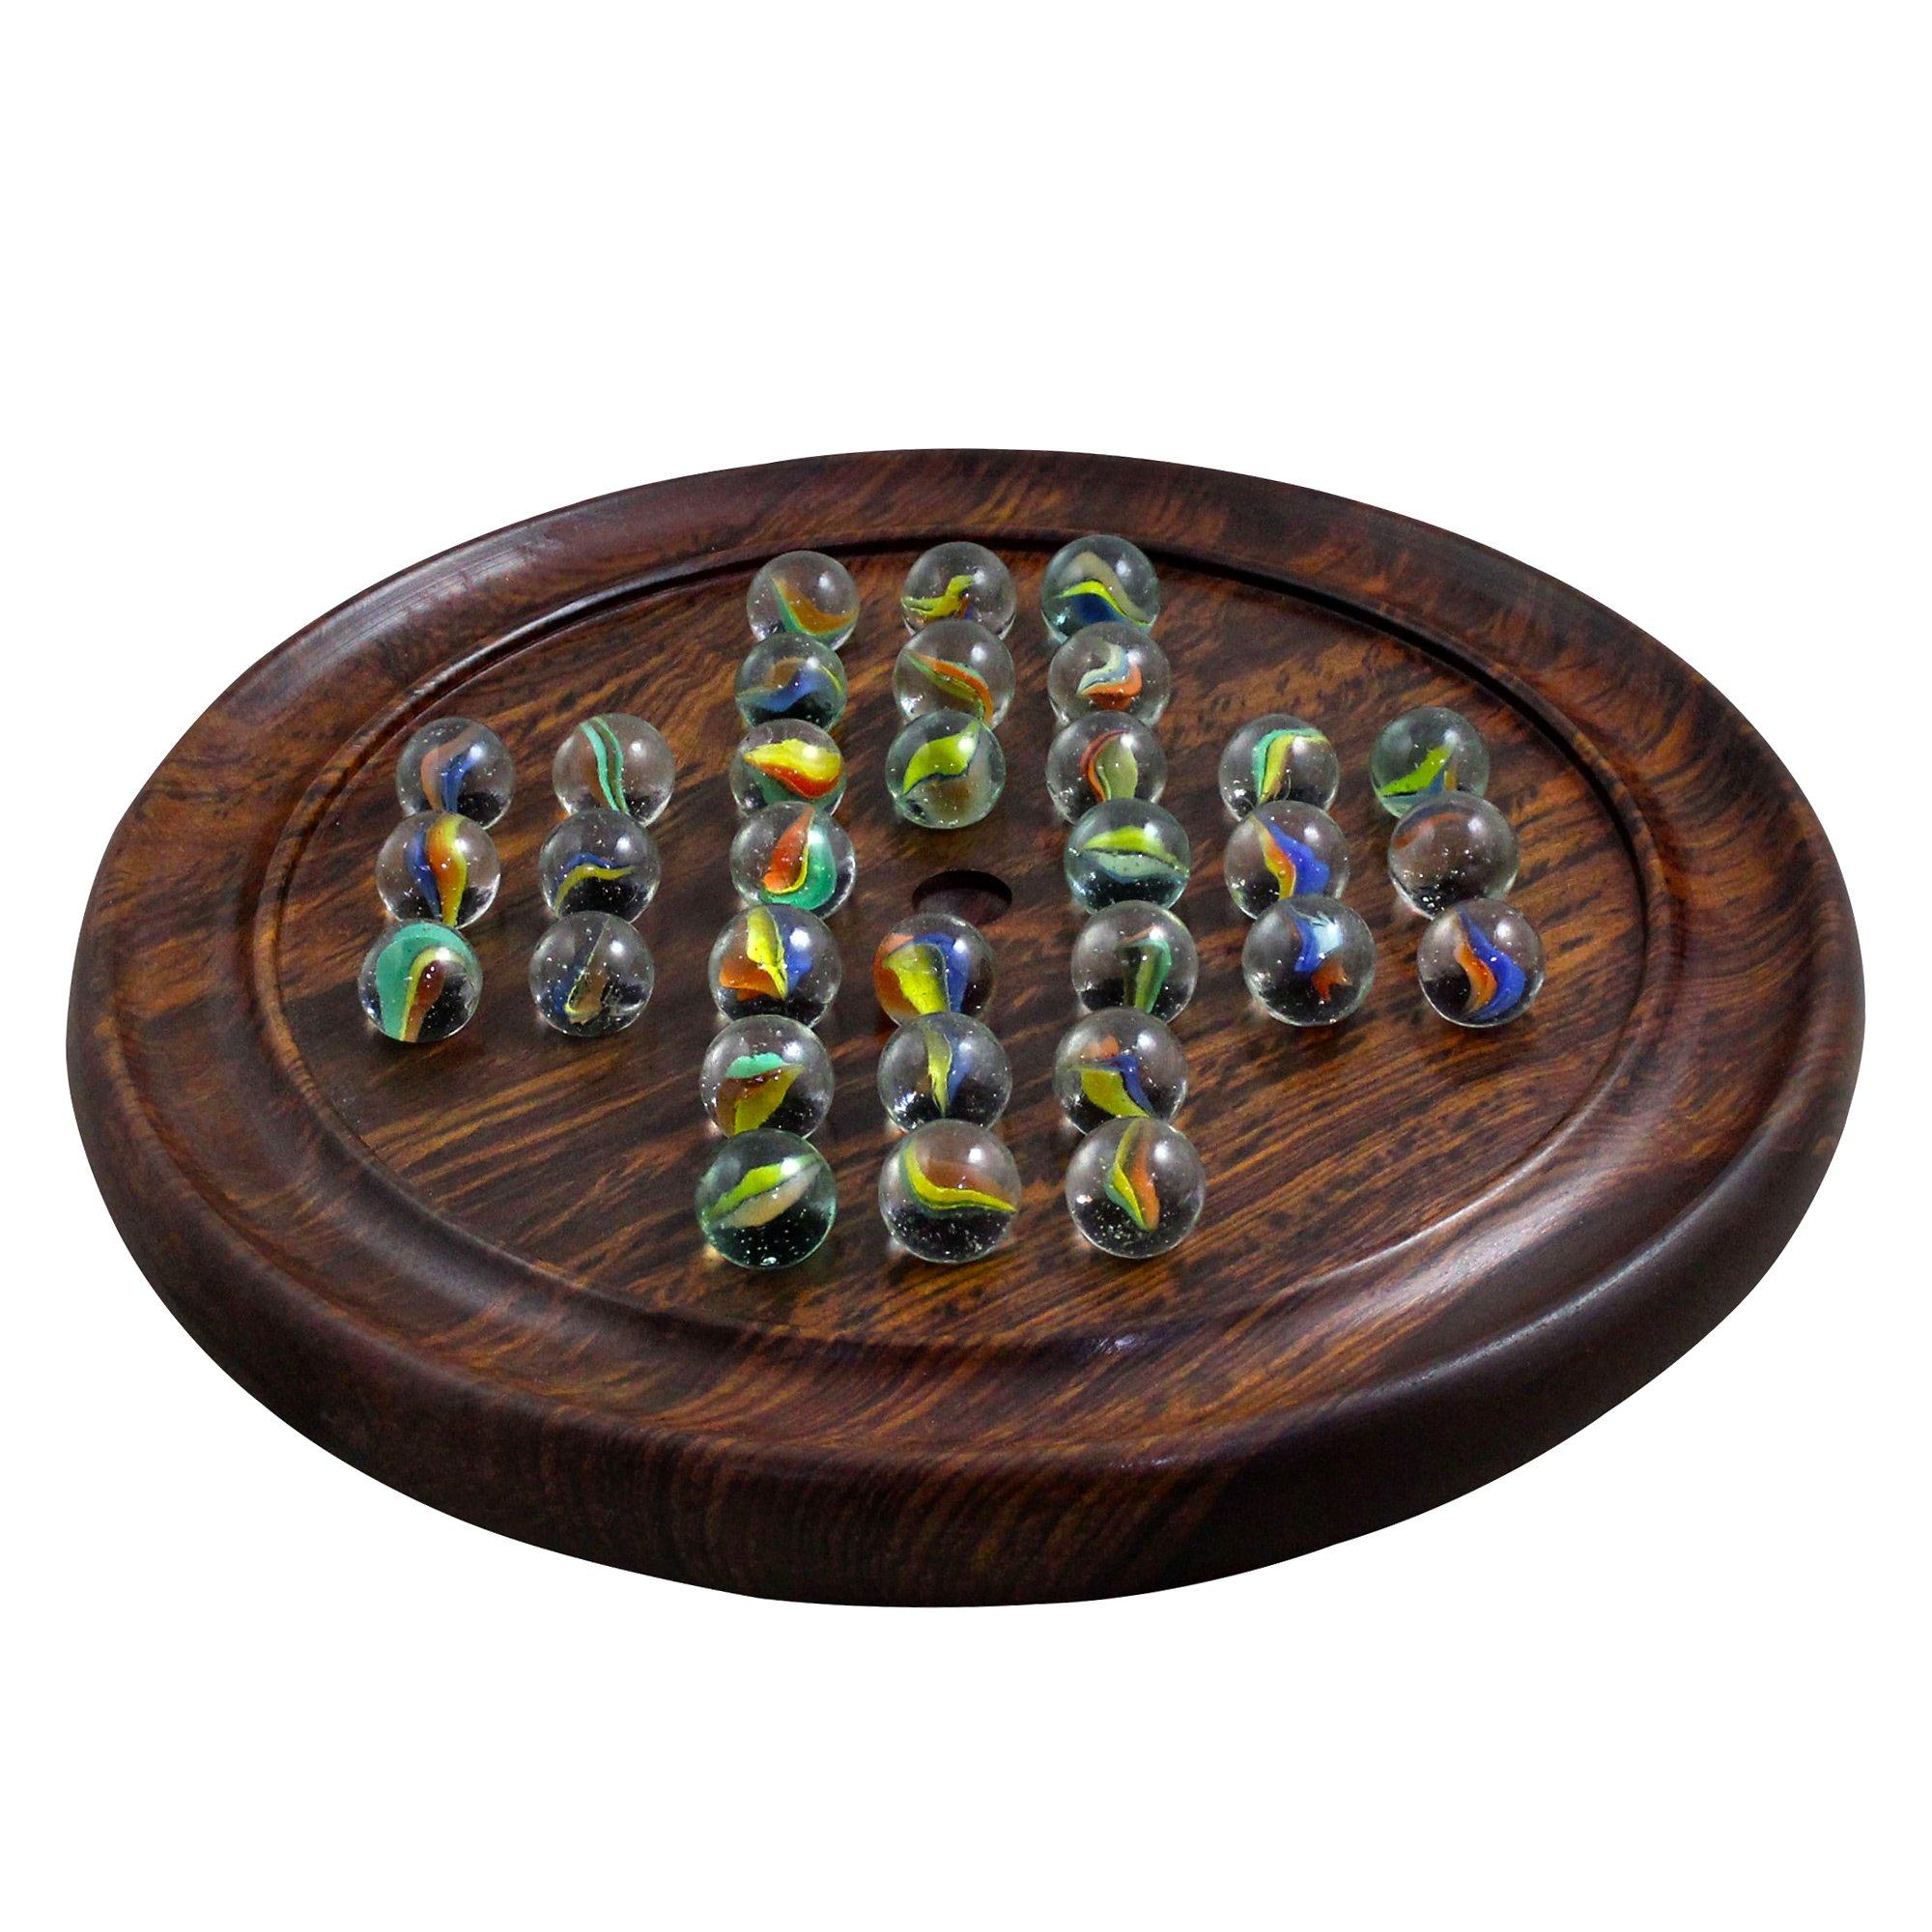 RoyaltyRoute Juego de Mesa de Madera Solitario mármoles Clavijas-única Idea de Regalo de cumpleaños para niños y Adultos: Amazon.es: Juguetes y juegos